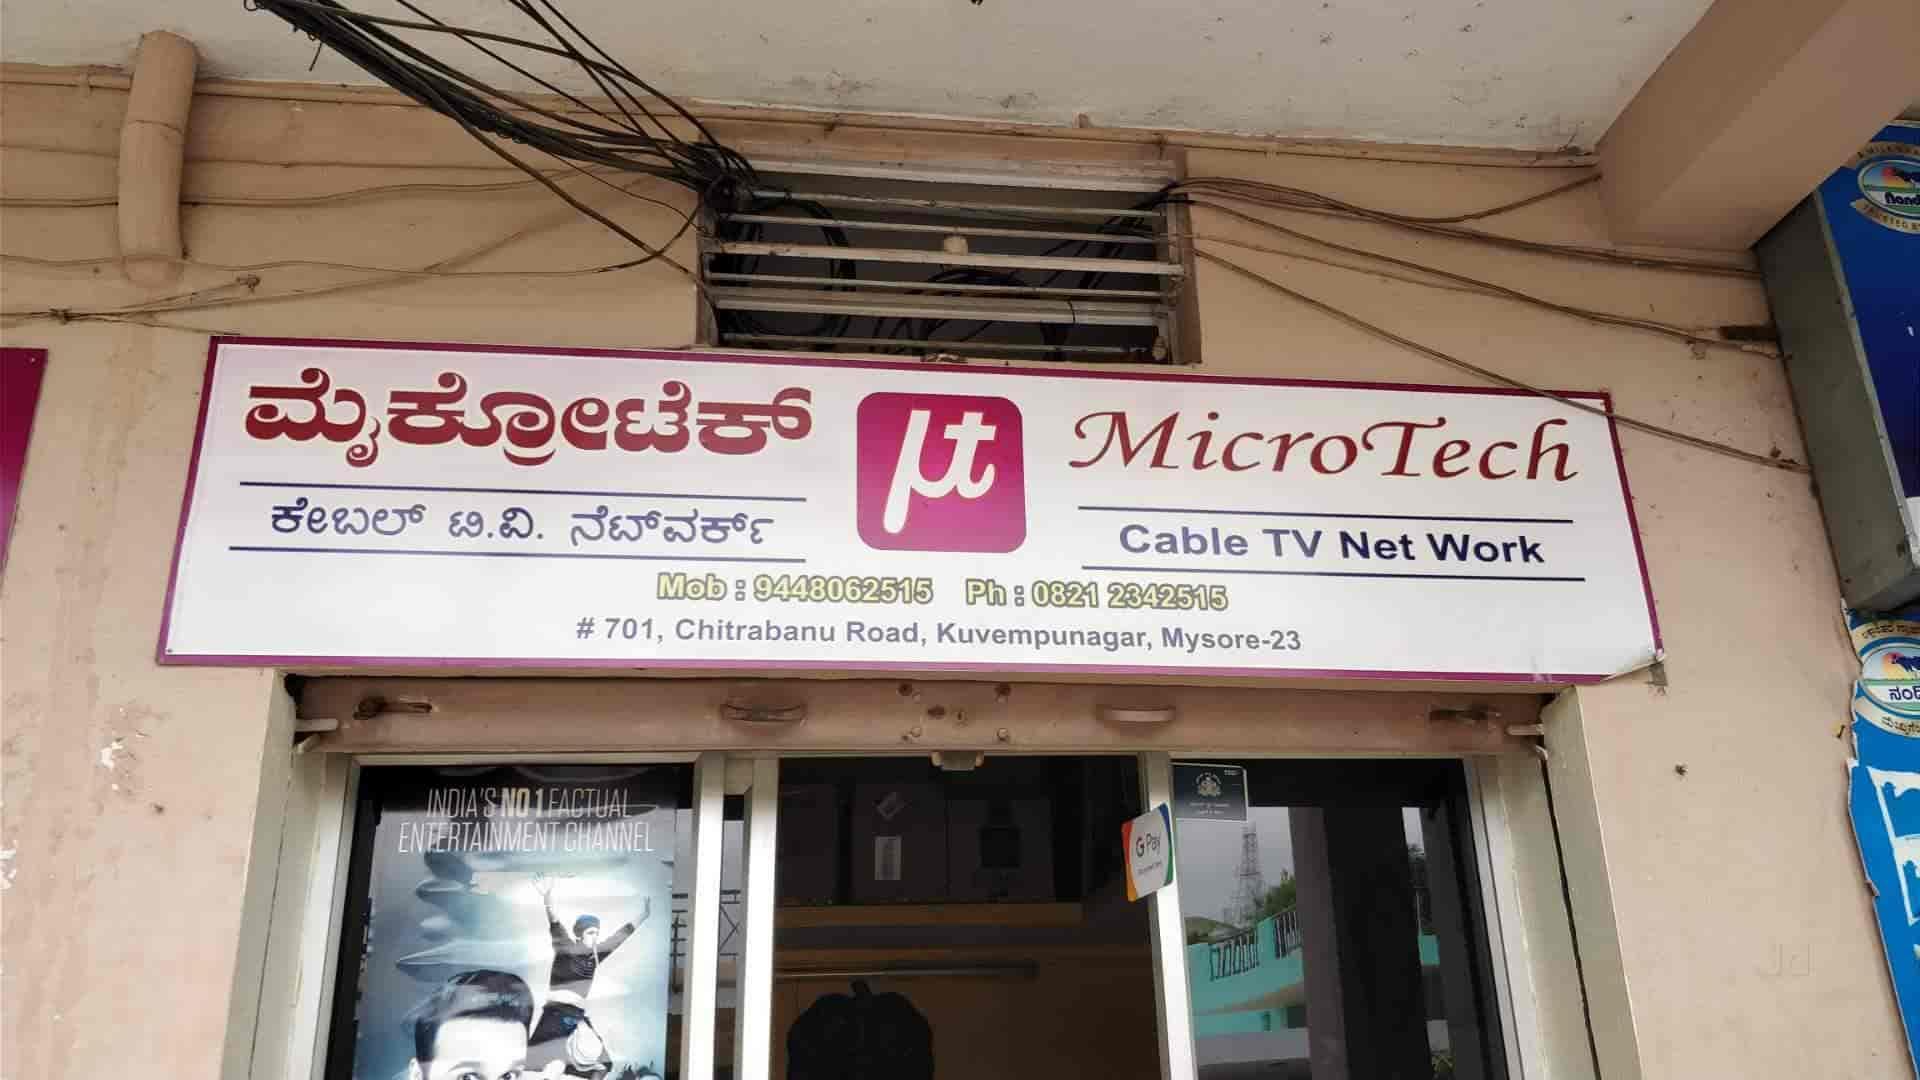 Micro Tech, Kuvempunagar - Cable TV Operators in Mysore